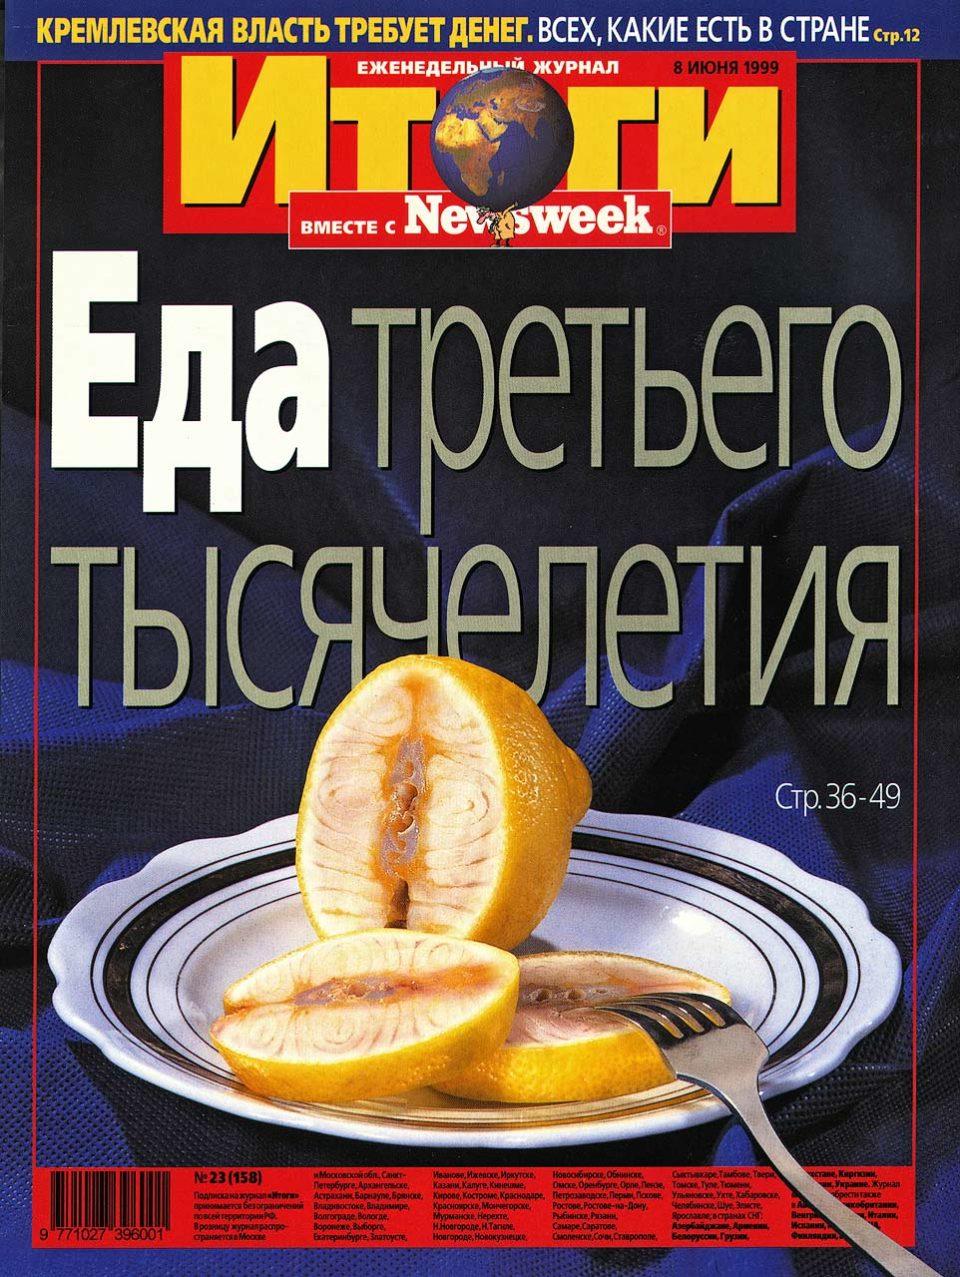 Осетровый лимон.